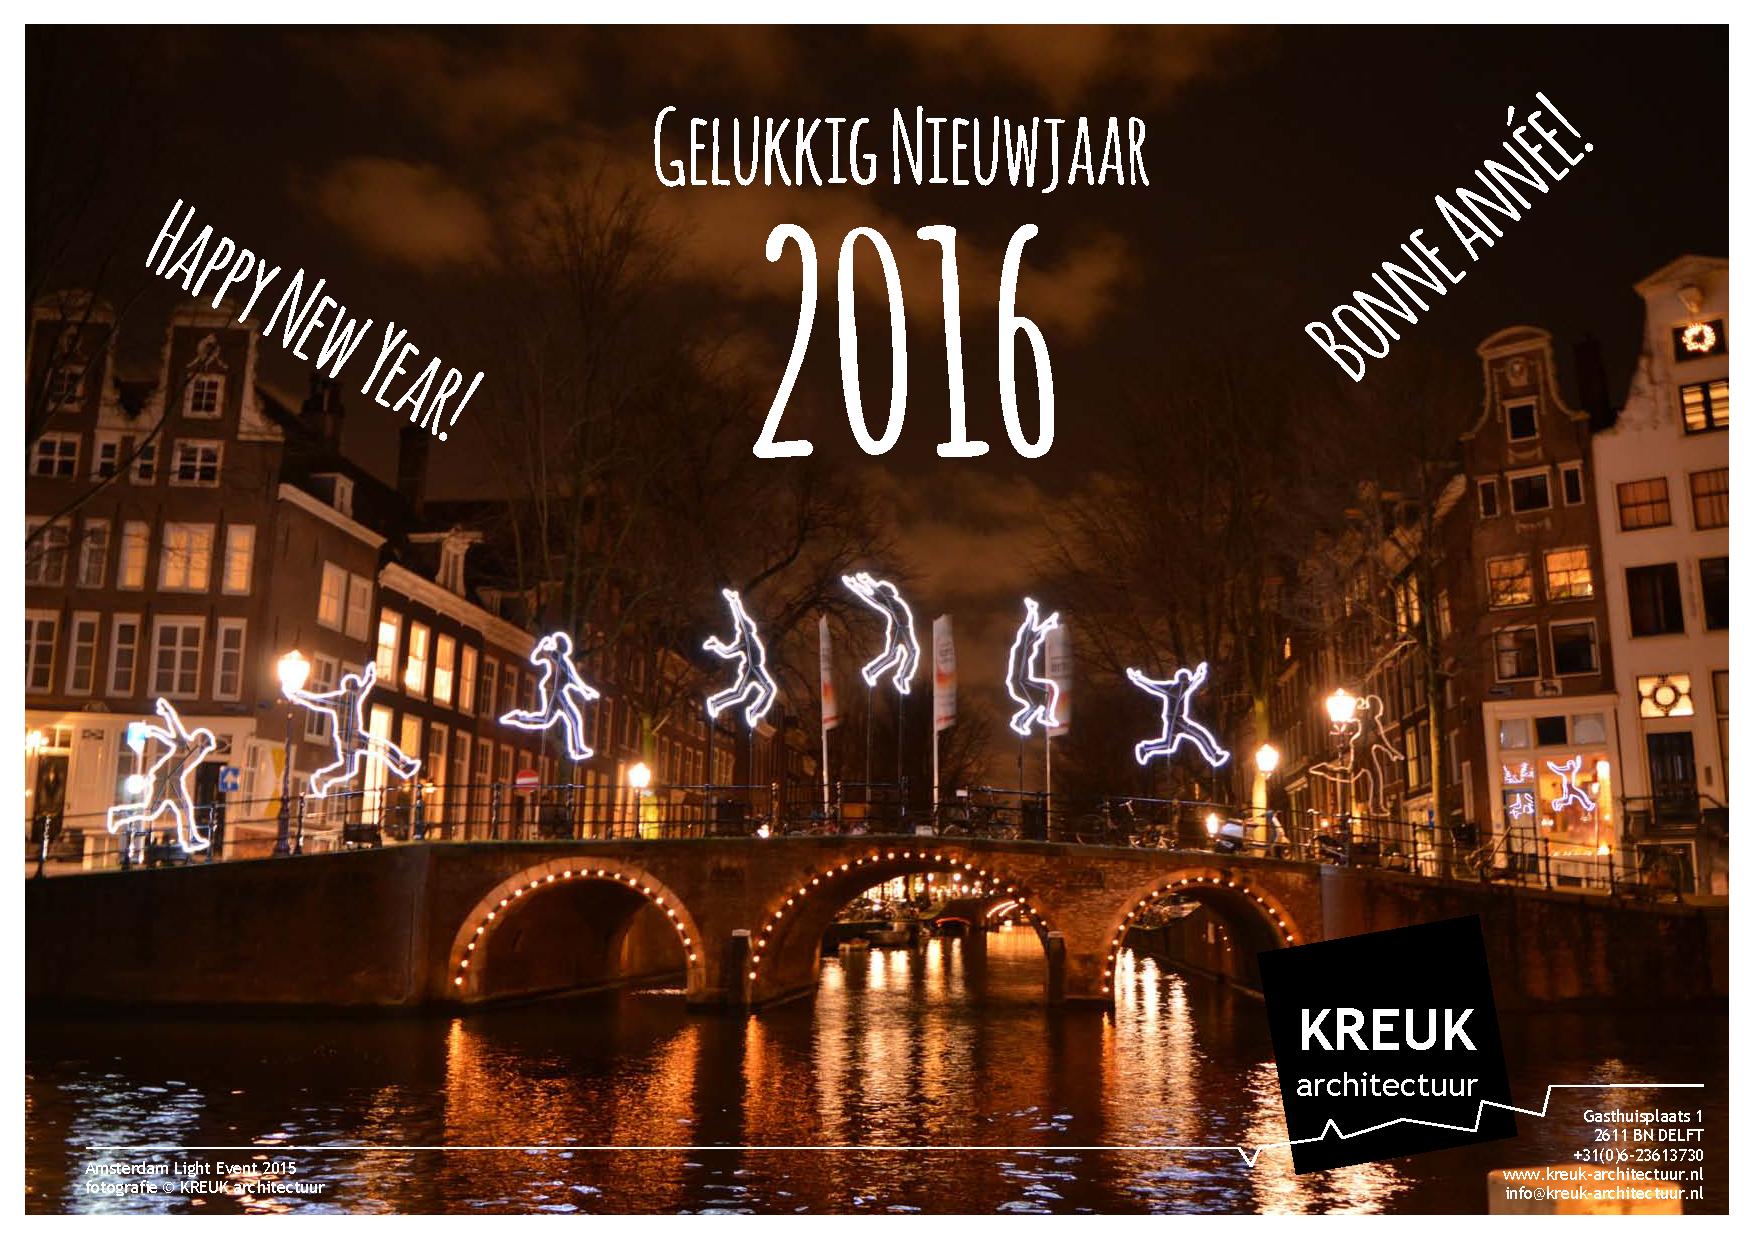 nieuwjaarsgroet KREUK architectuur, architect Delft